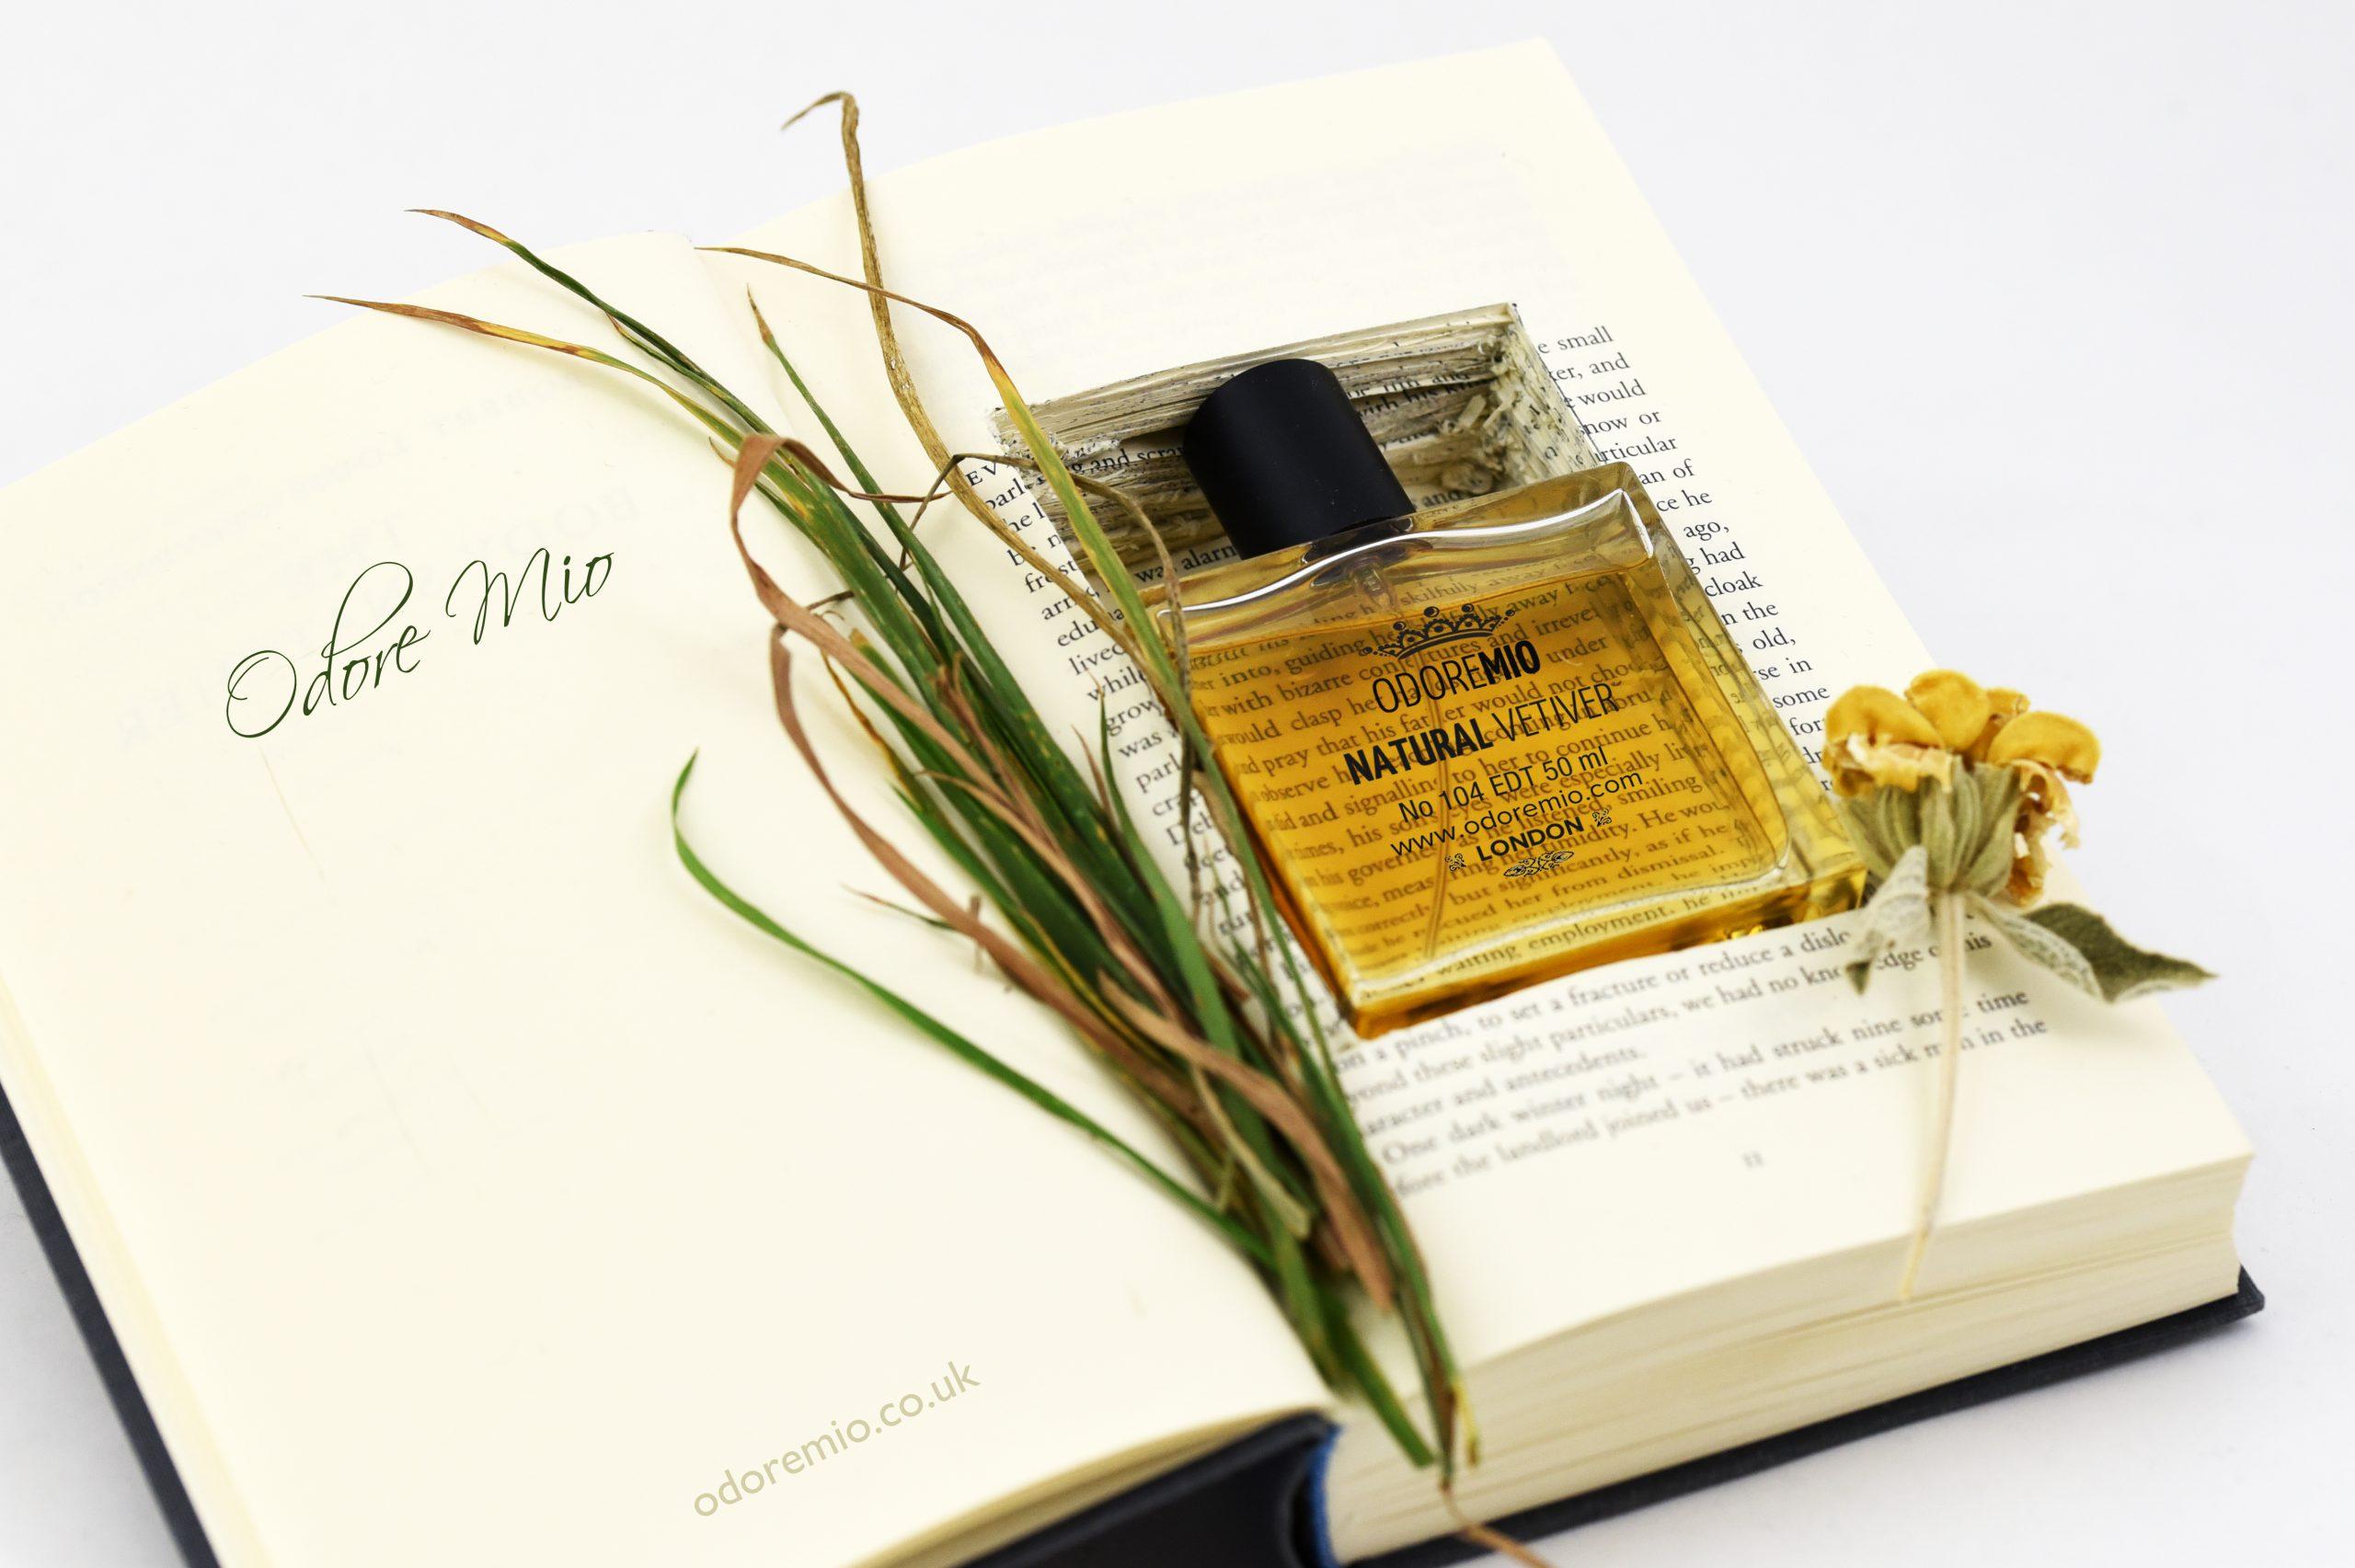 Odore Mio Natural Vetiver Perfume